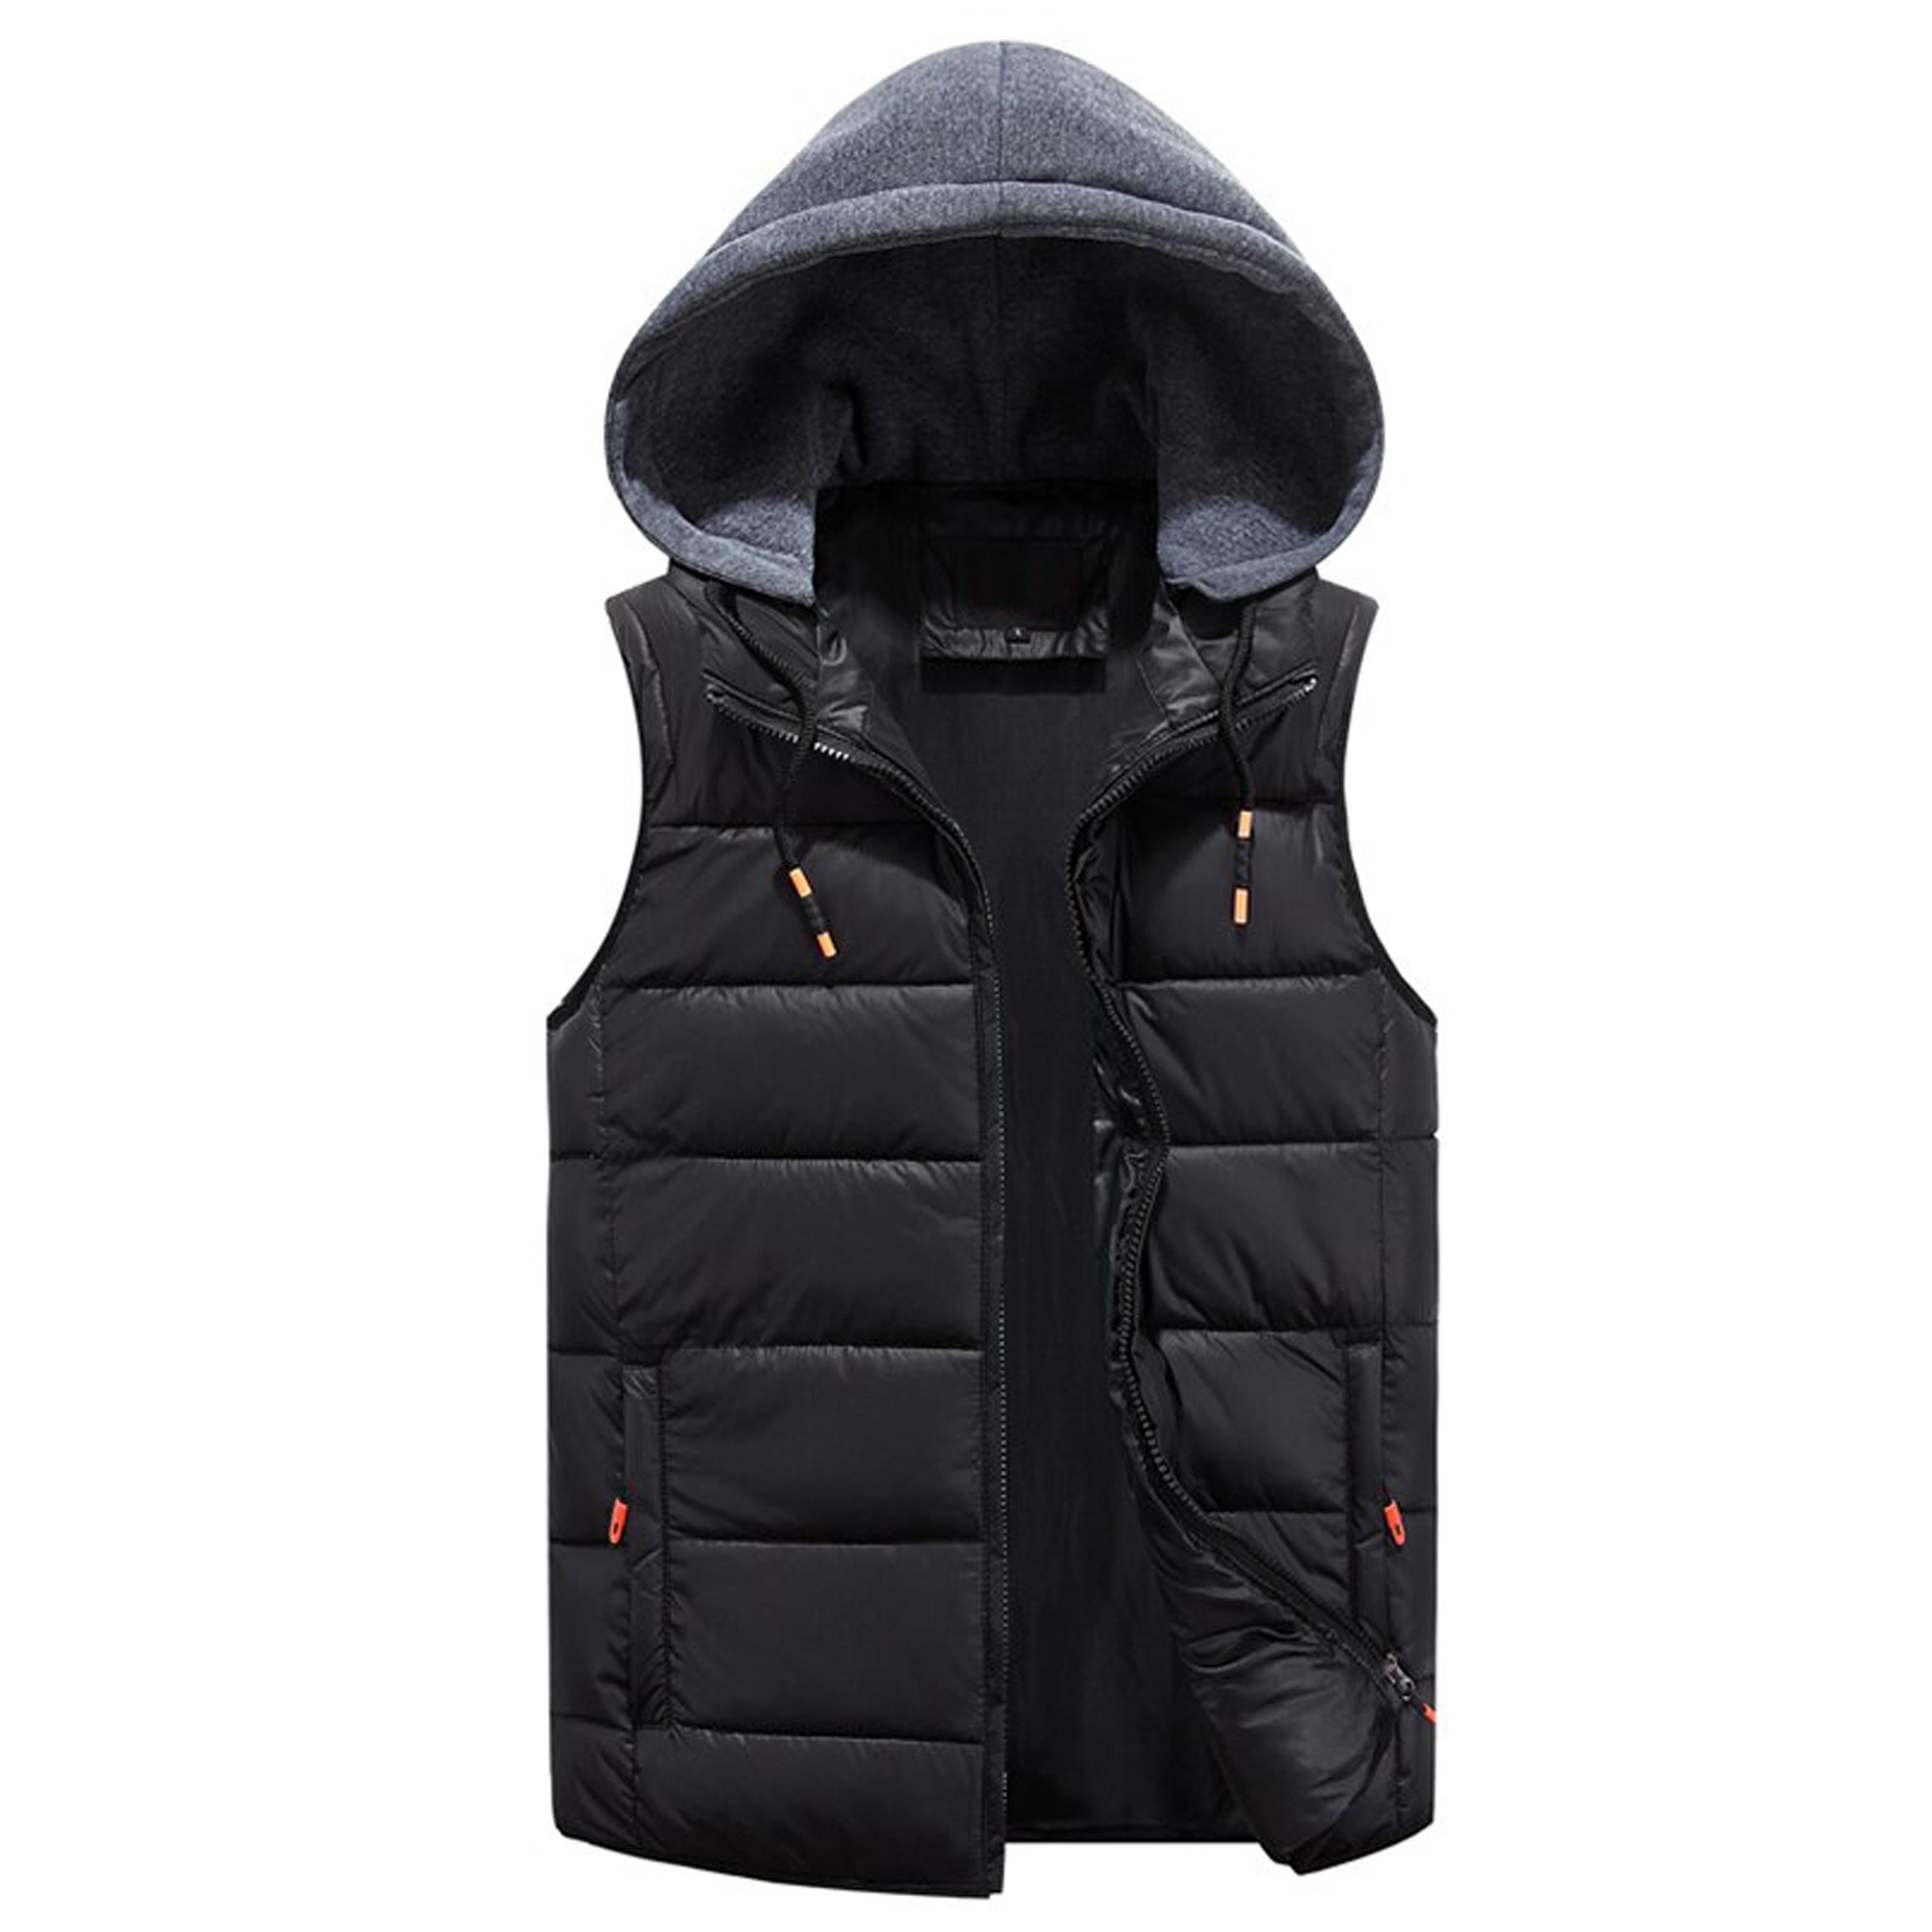 Men Black Winter Warm Down Jacket Casual Sleeveless Windbreaker Jacket